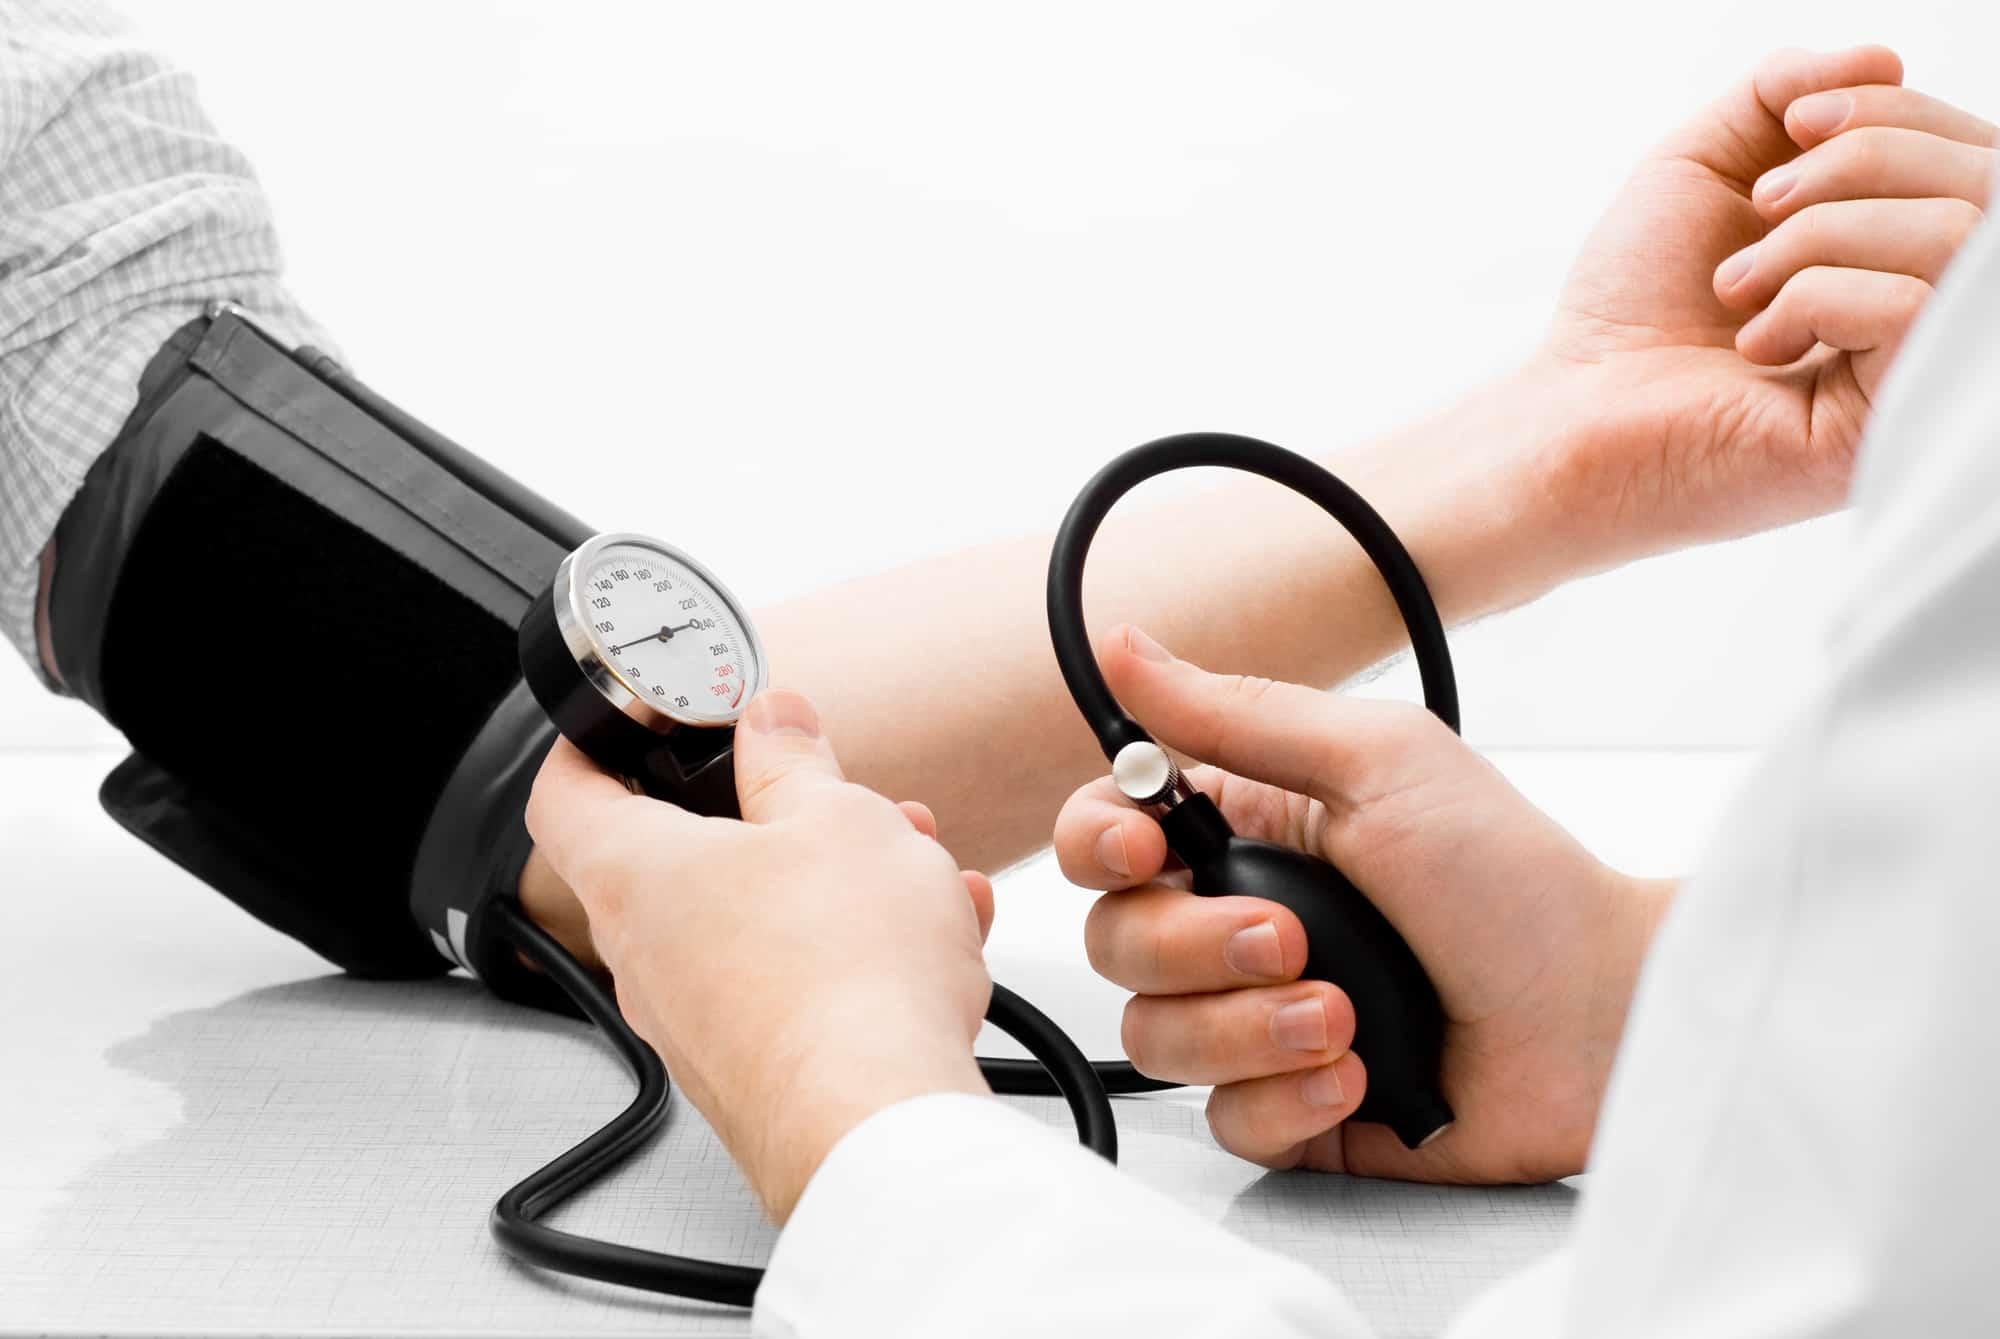 blodtrykket stiger med alderen